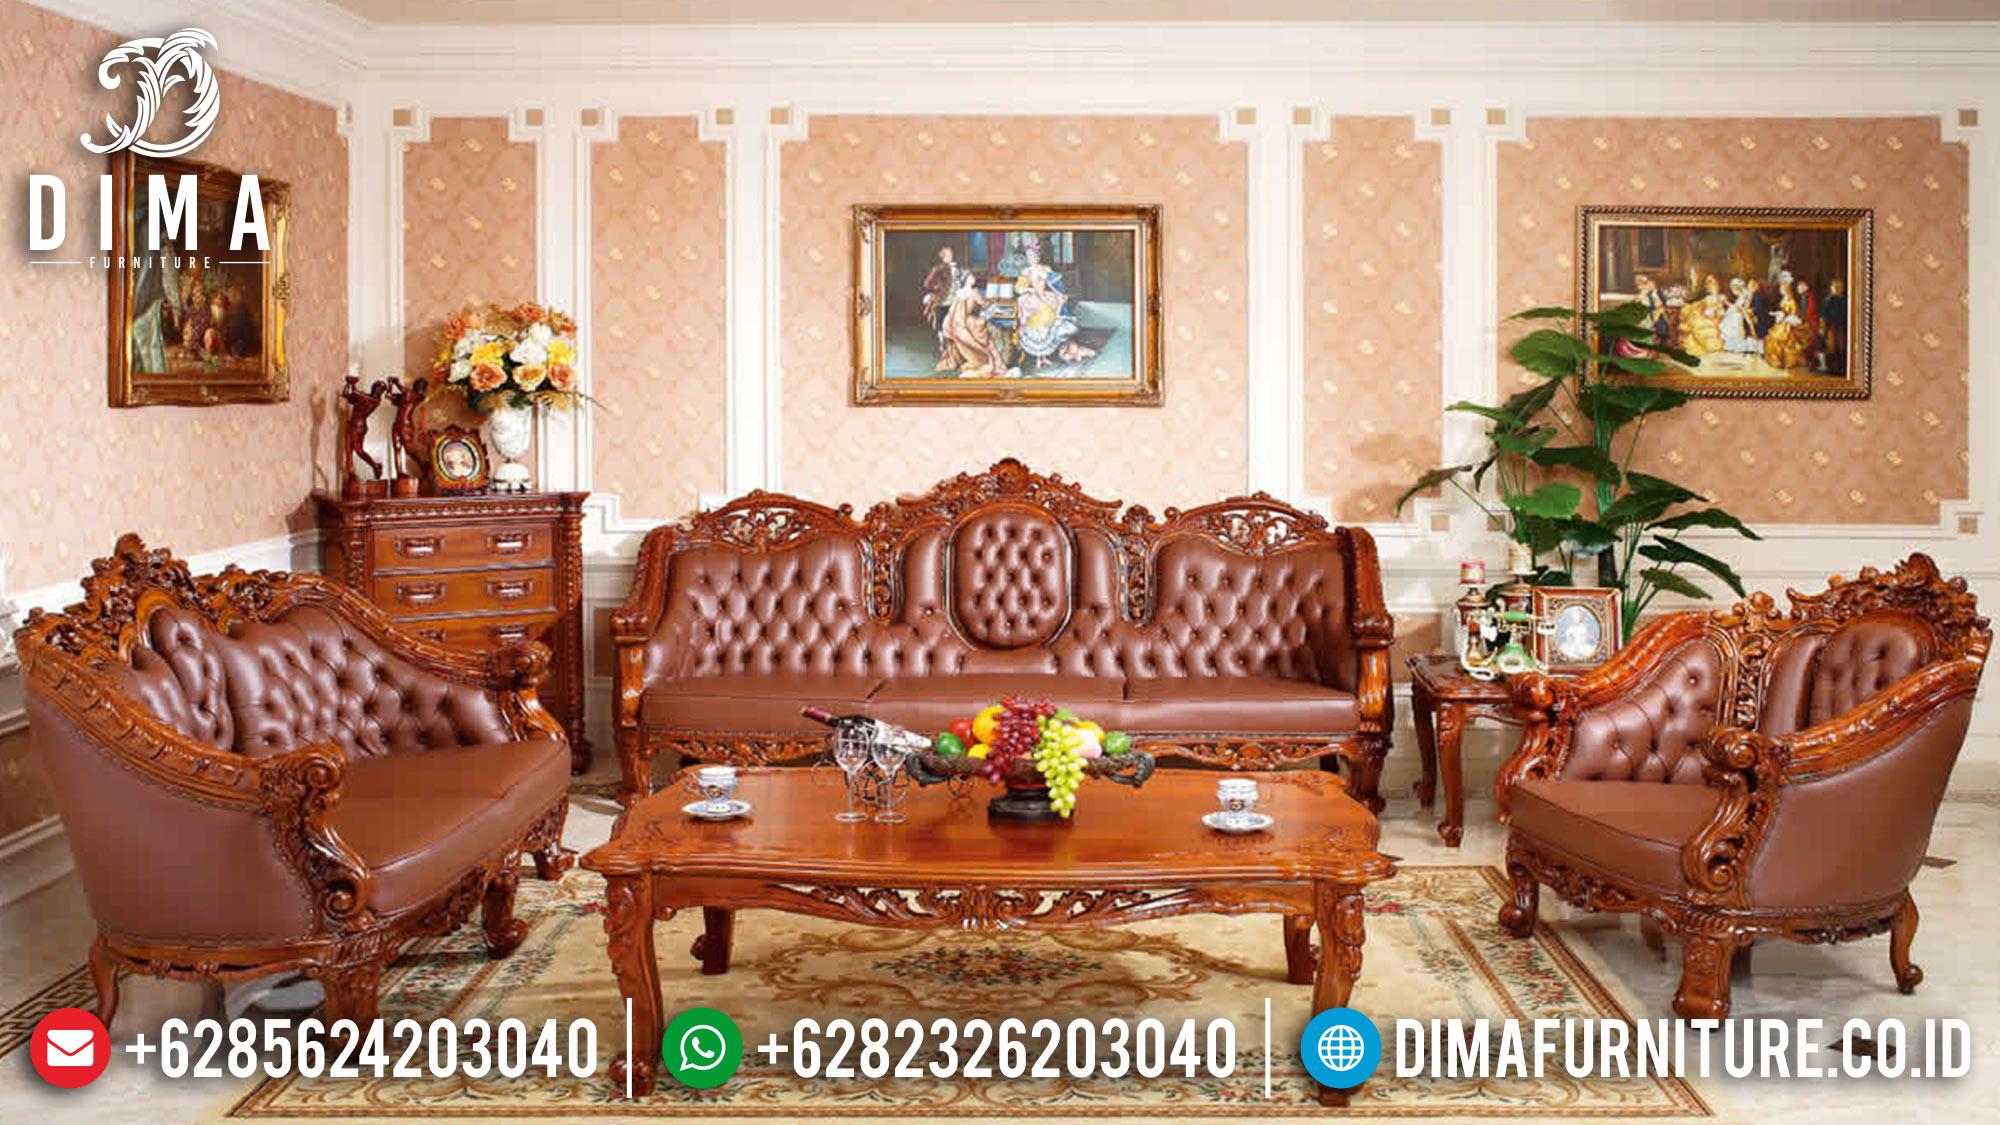 Sofa Tamu Jepara, Kursi Tamu Jati Jepara, Sofa Tamu Mewah Jepara ST-0574 Gambar 1